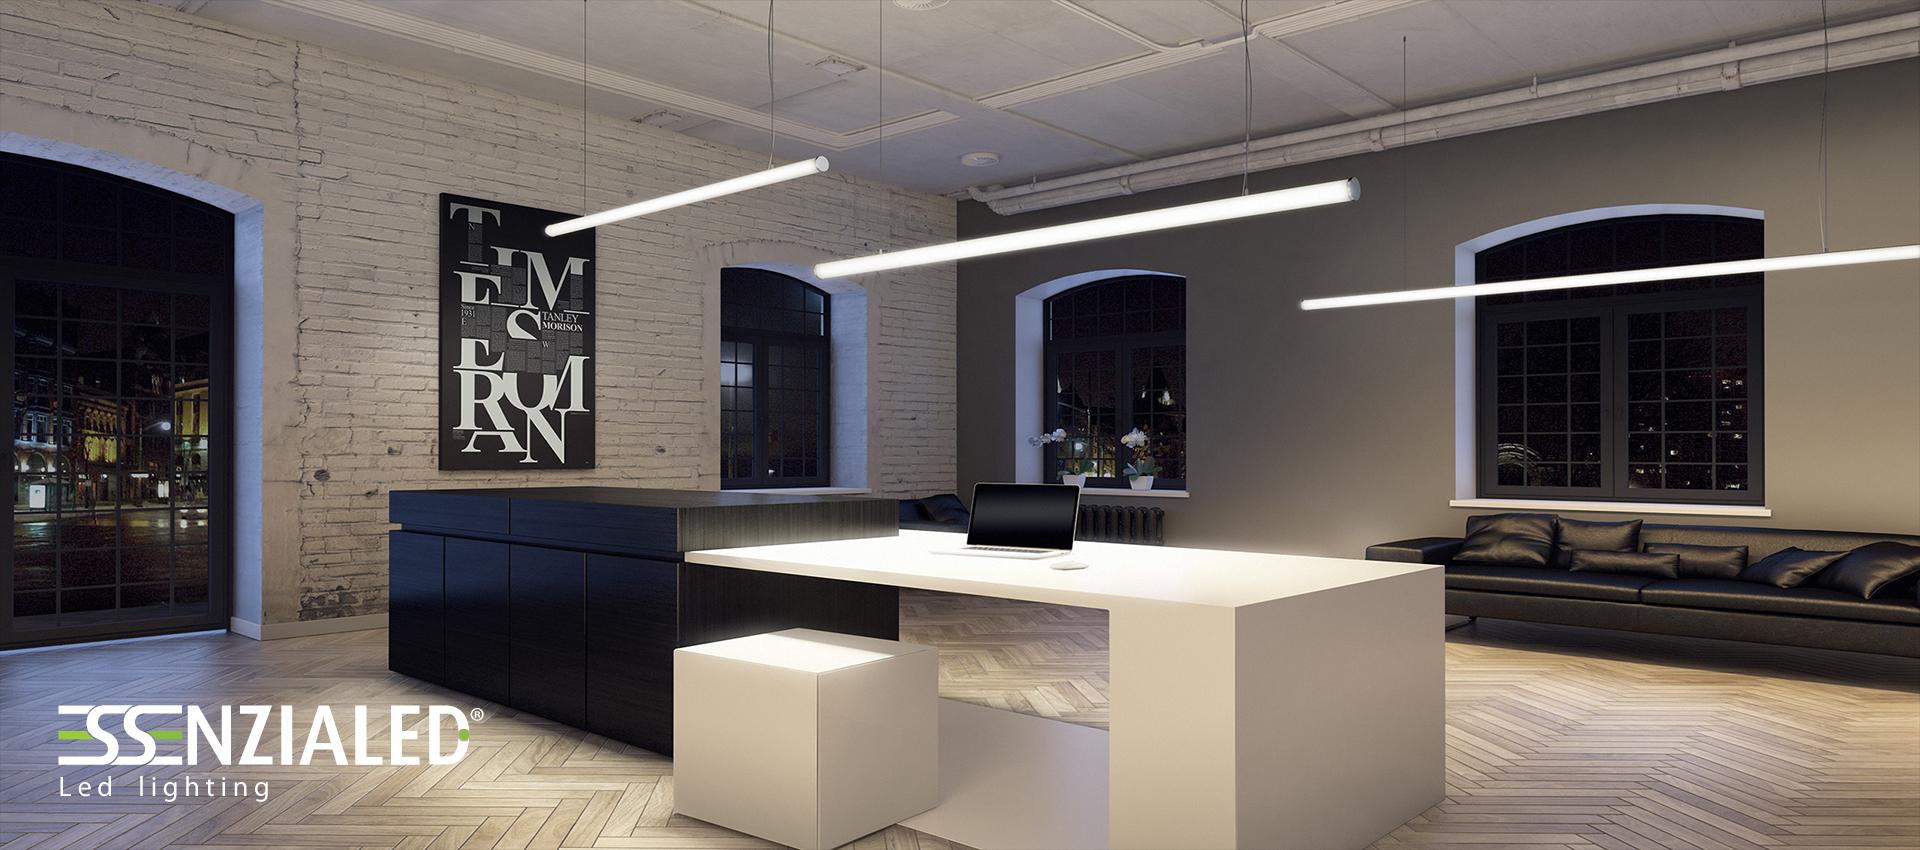 Neon Sospensione Per Ufficio.Tube 6 0 Tubo Led Sospensione Tutta Luceessenzialed